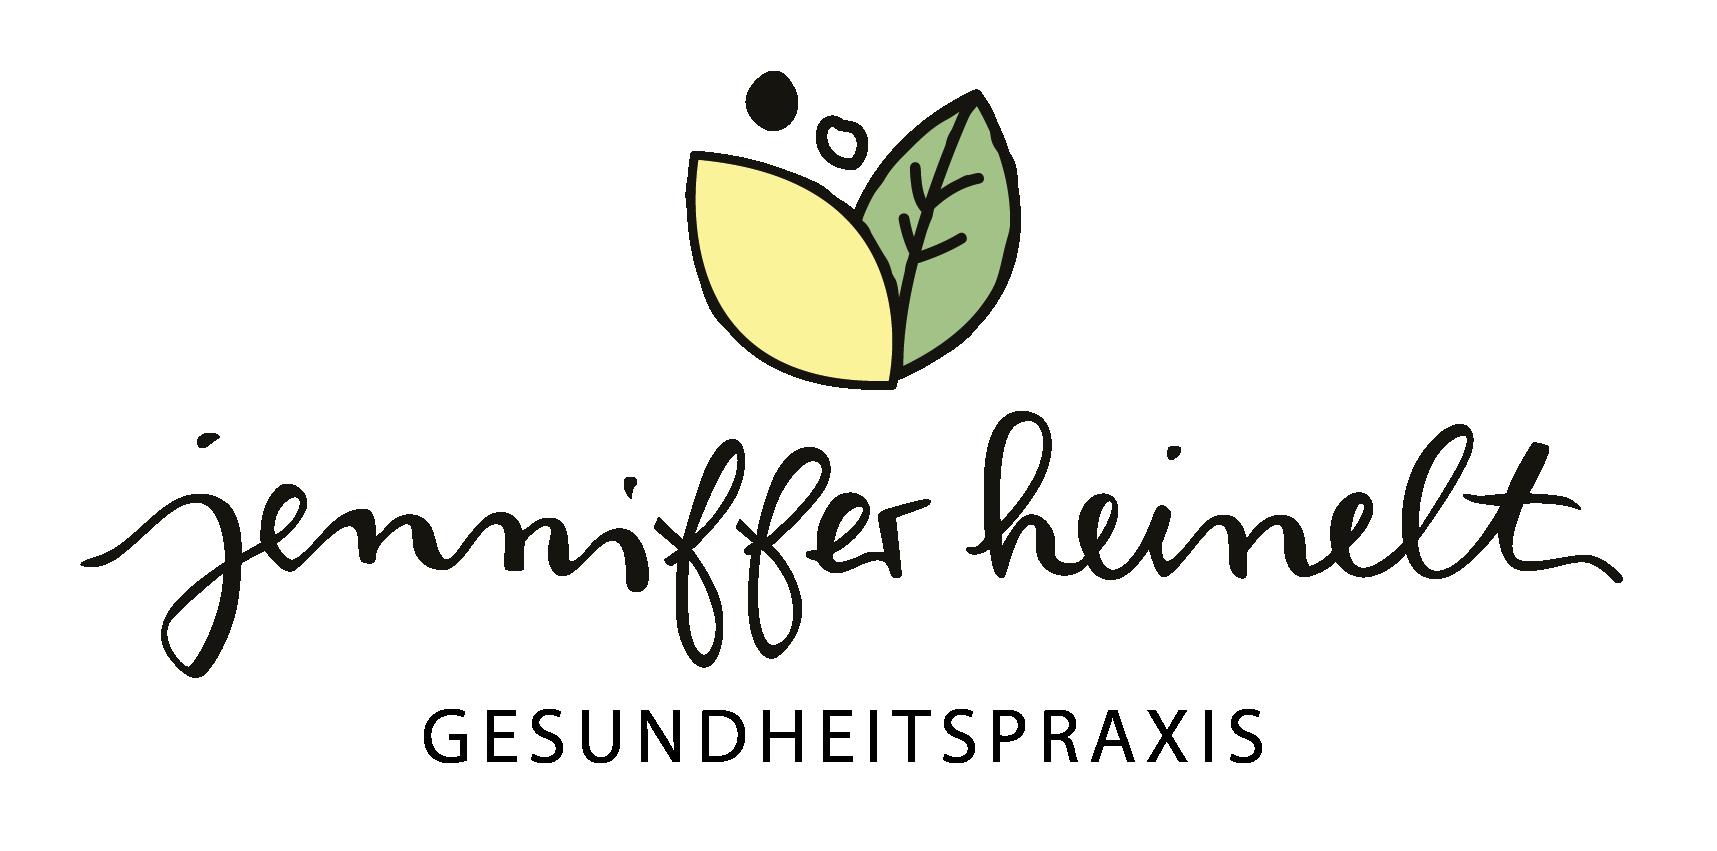 Jenniffer Heinelt Gesundheitspraxis